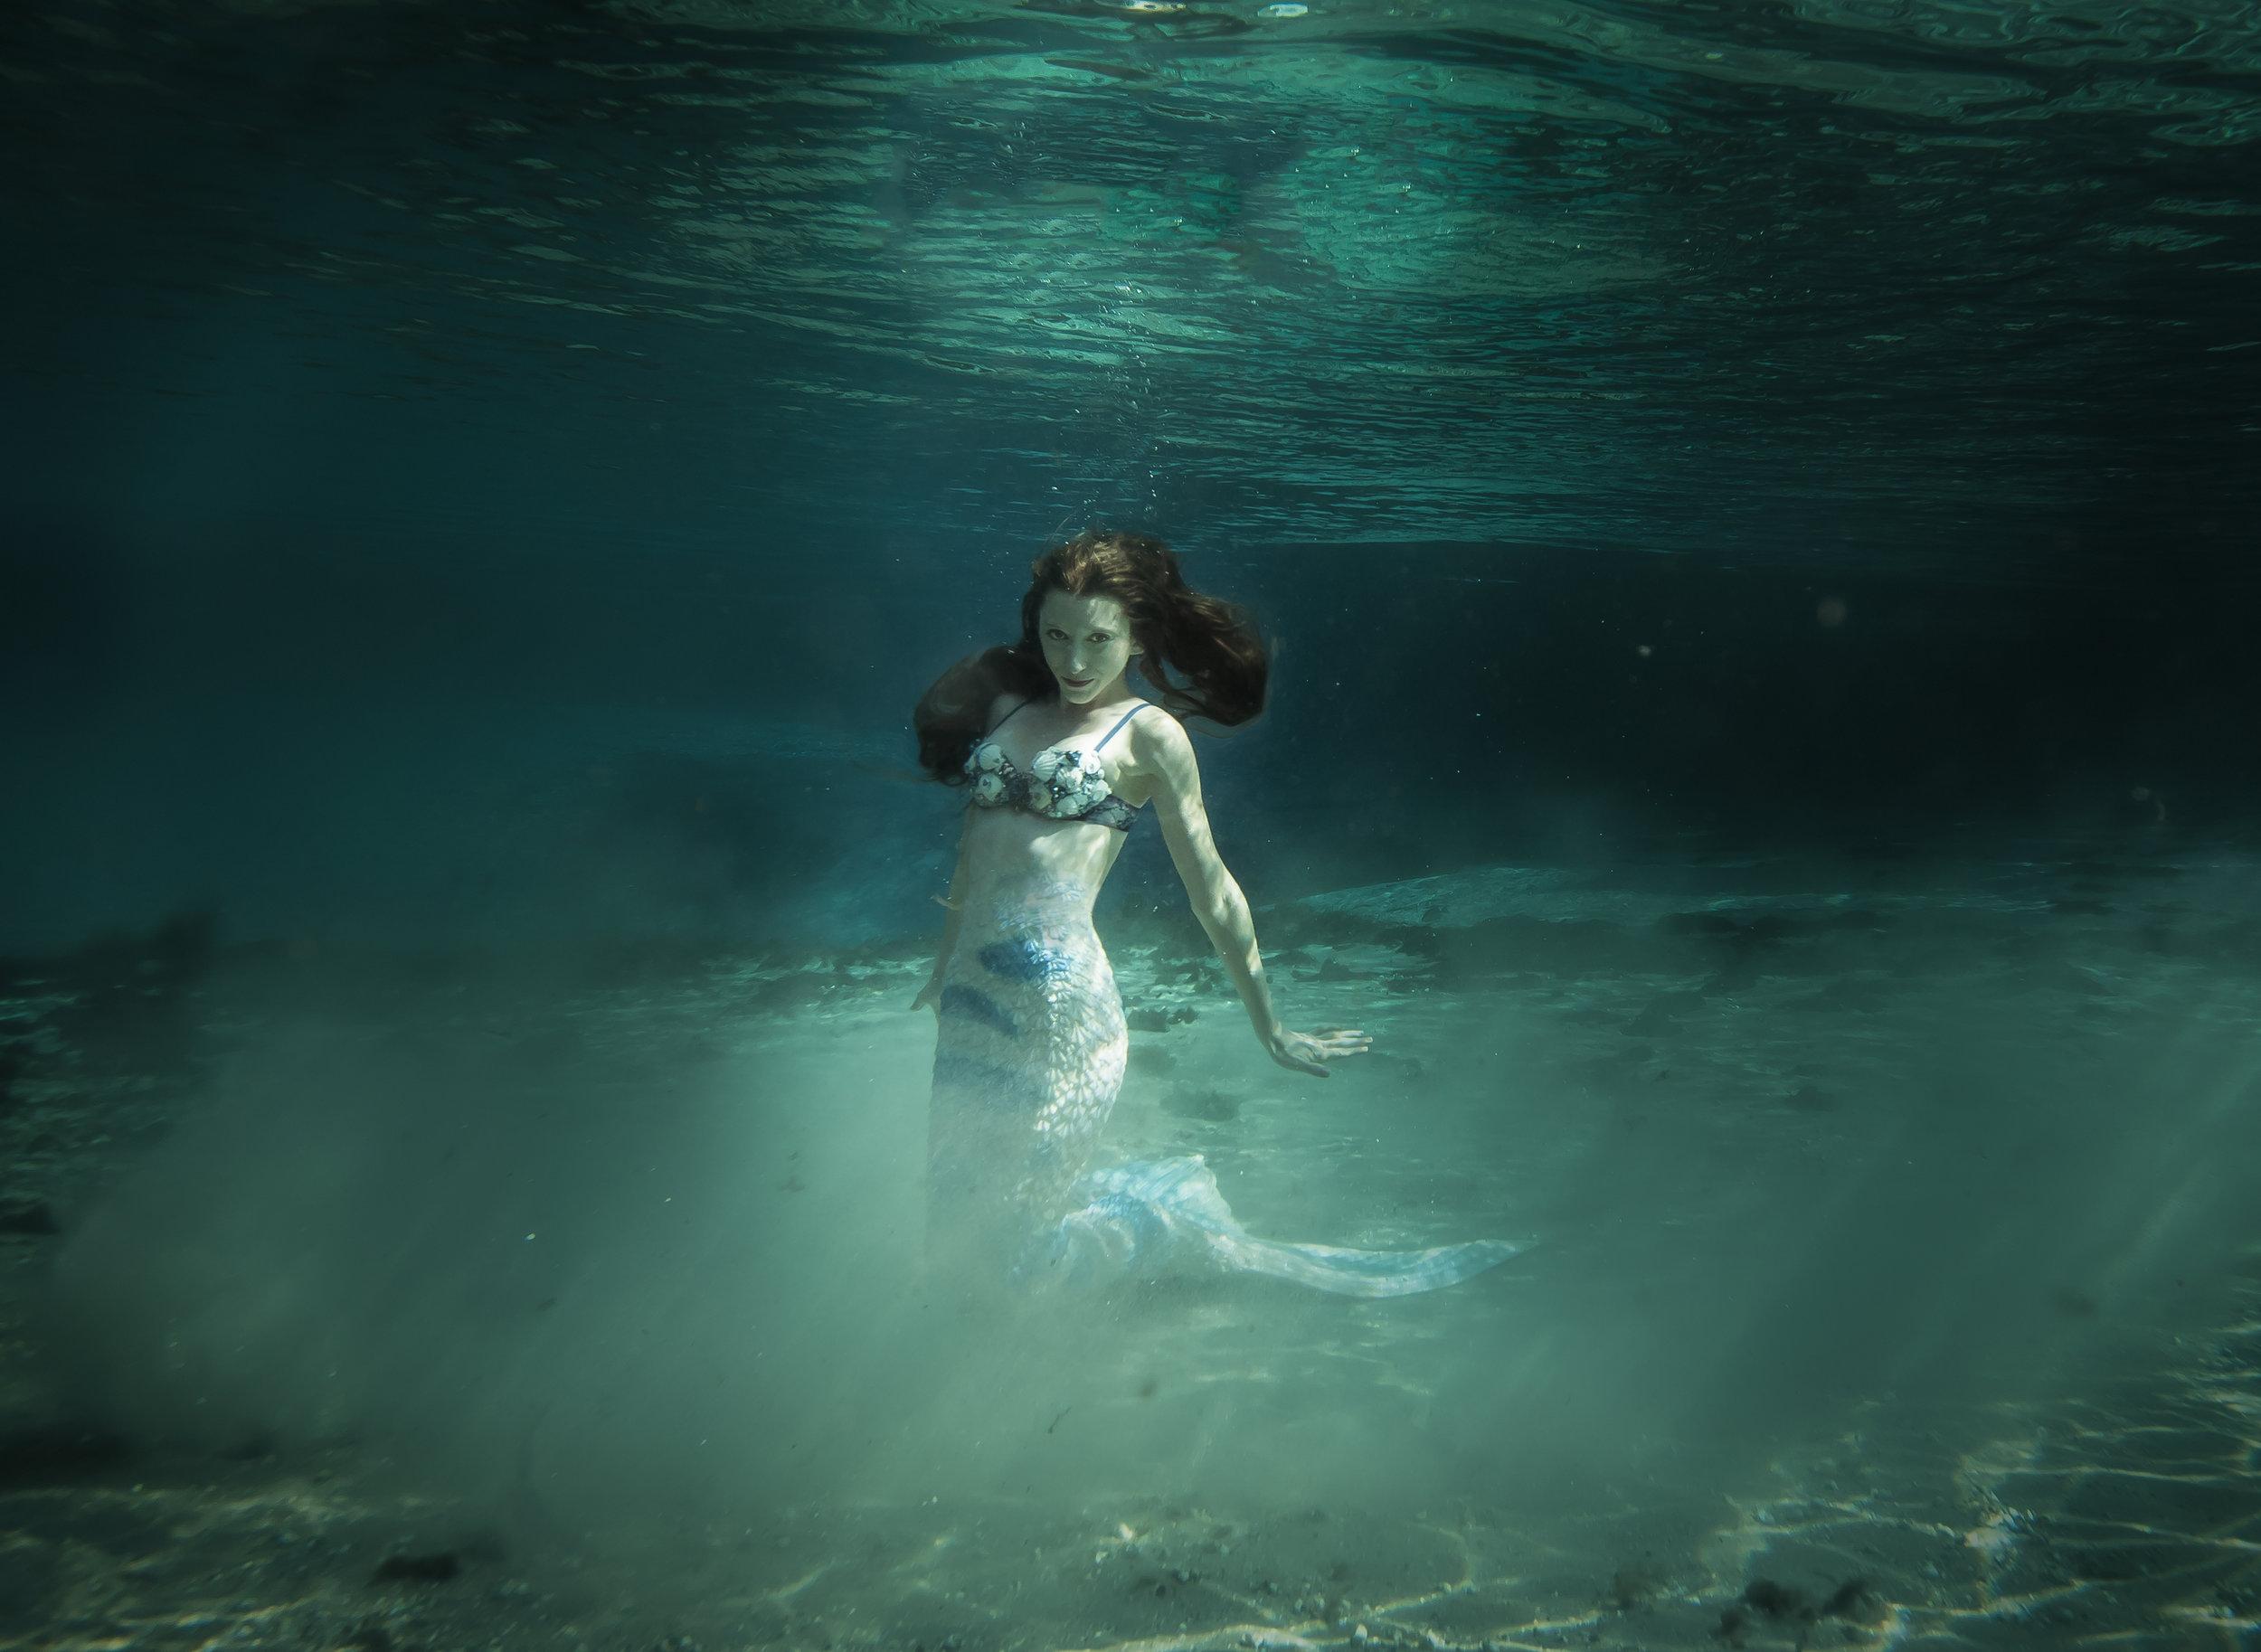 JTAqua_UNderwater_SilverGlen_Springs_Florida_Mermaid_2016-1-2.jpg